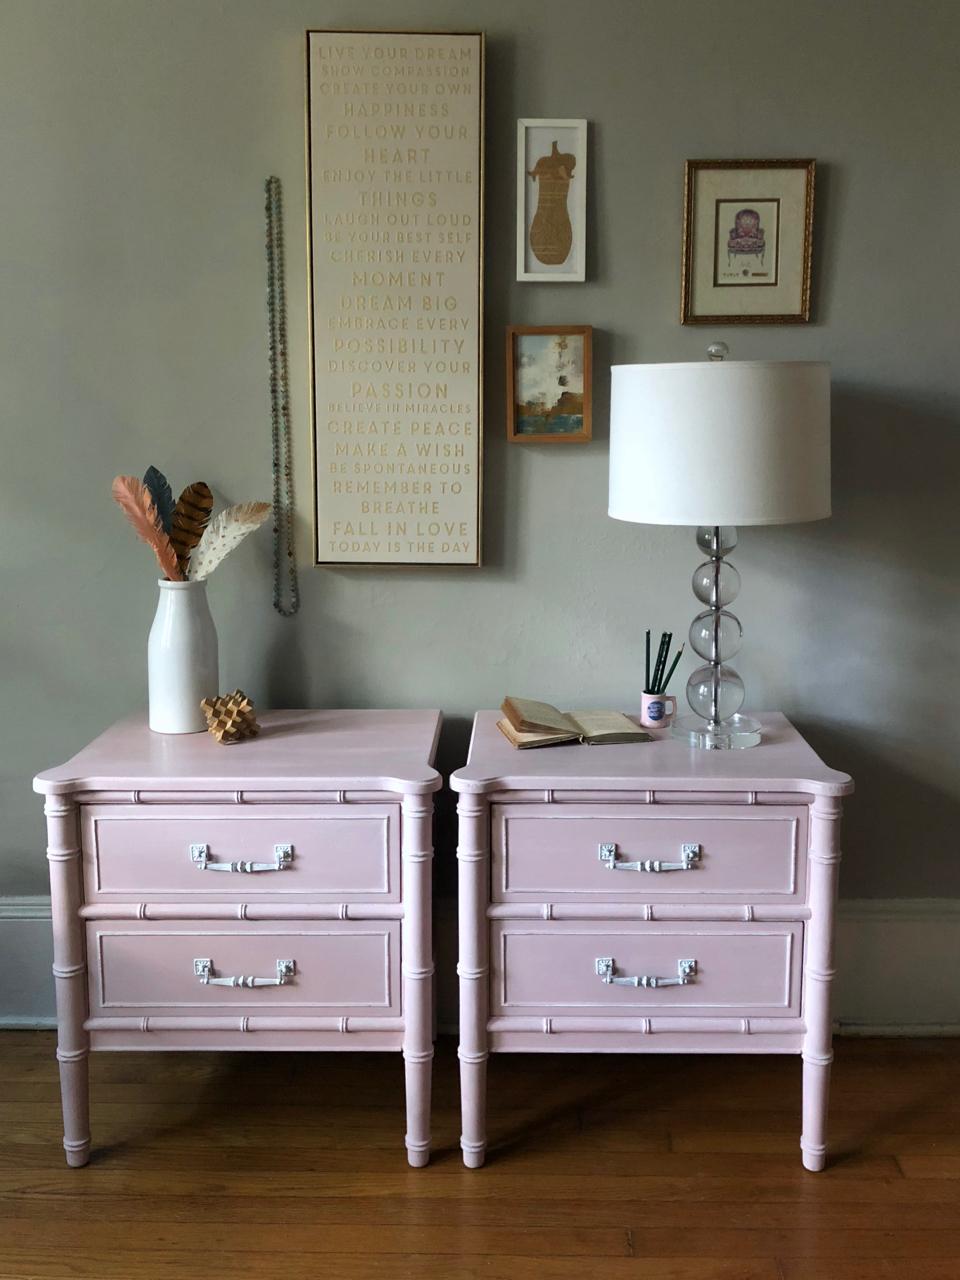 jo-torrijos-atlanta-painted-furniture-annie-sloan-antoinette-blush-pink-nightstands-1.jpg